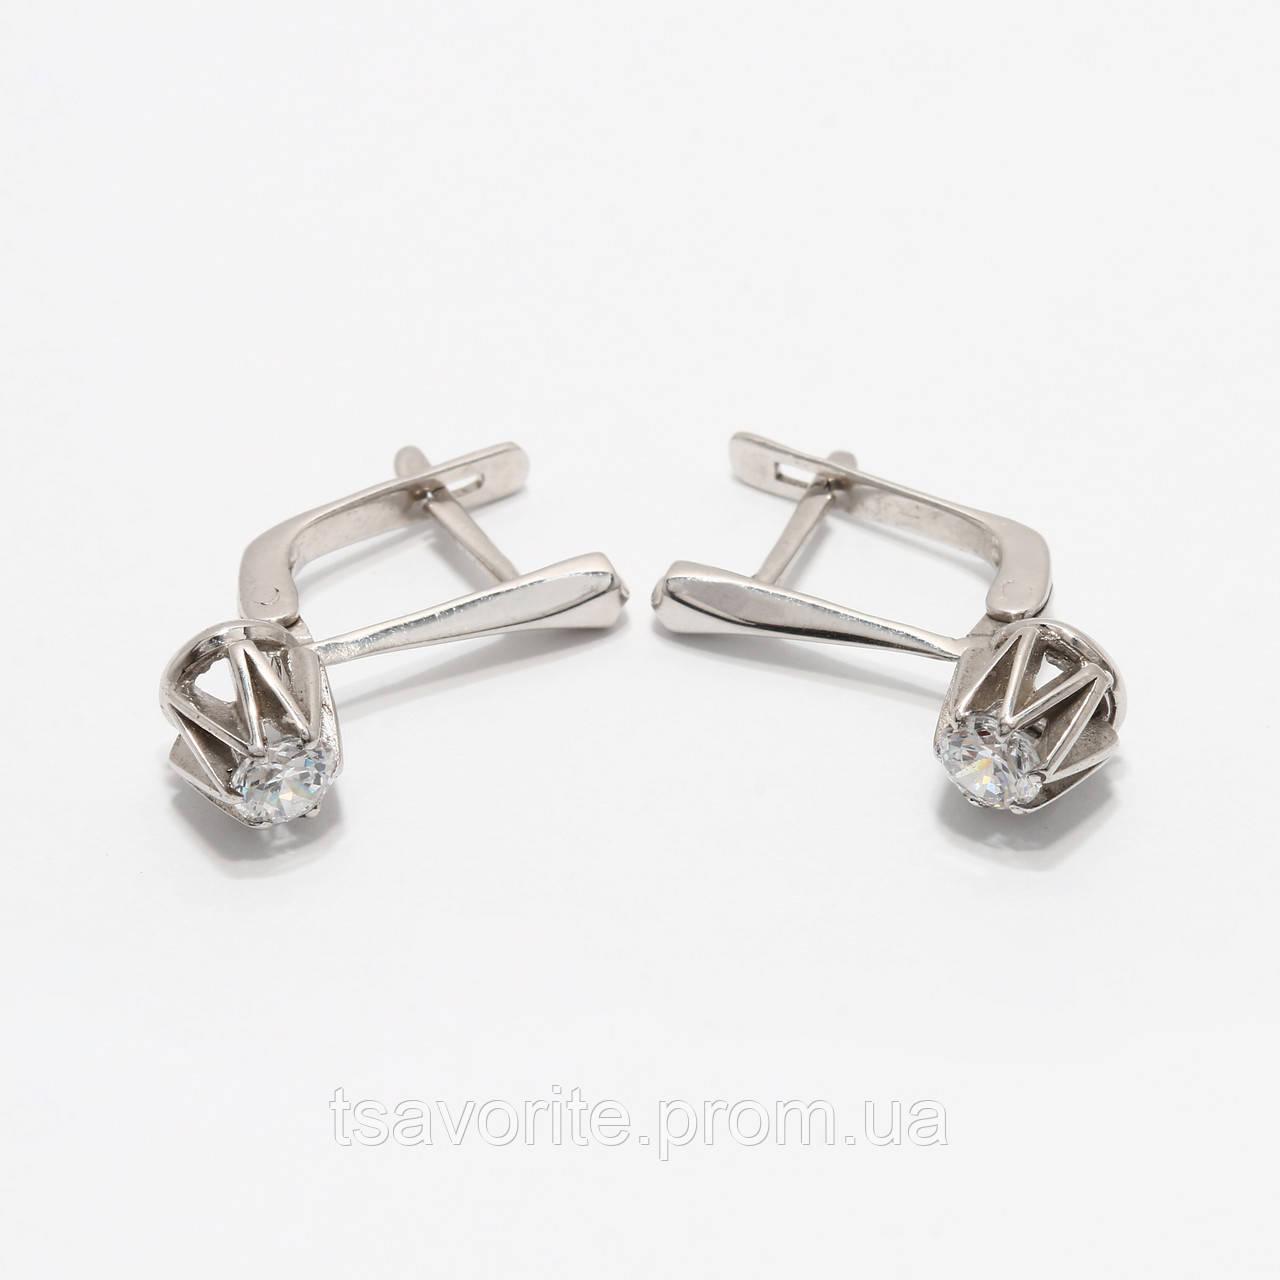 Серебряные серьги 118КН